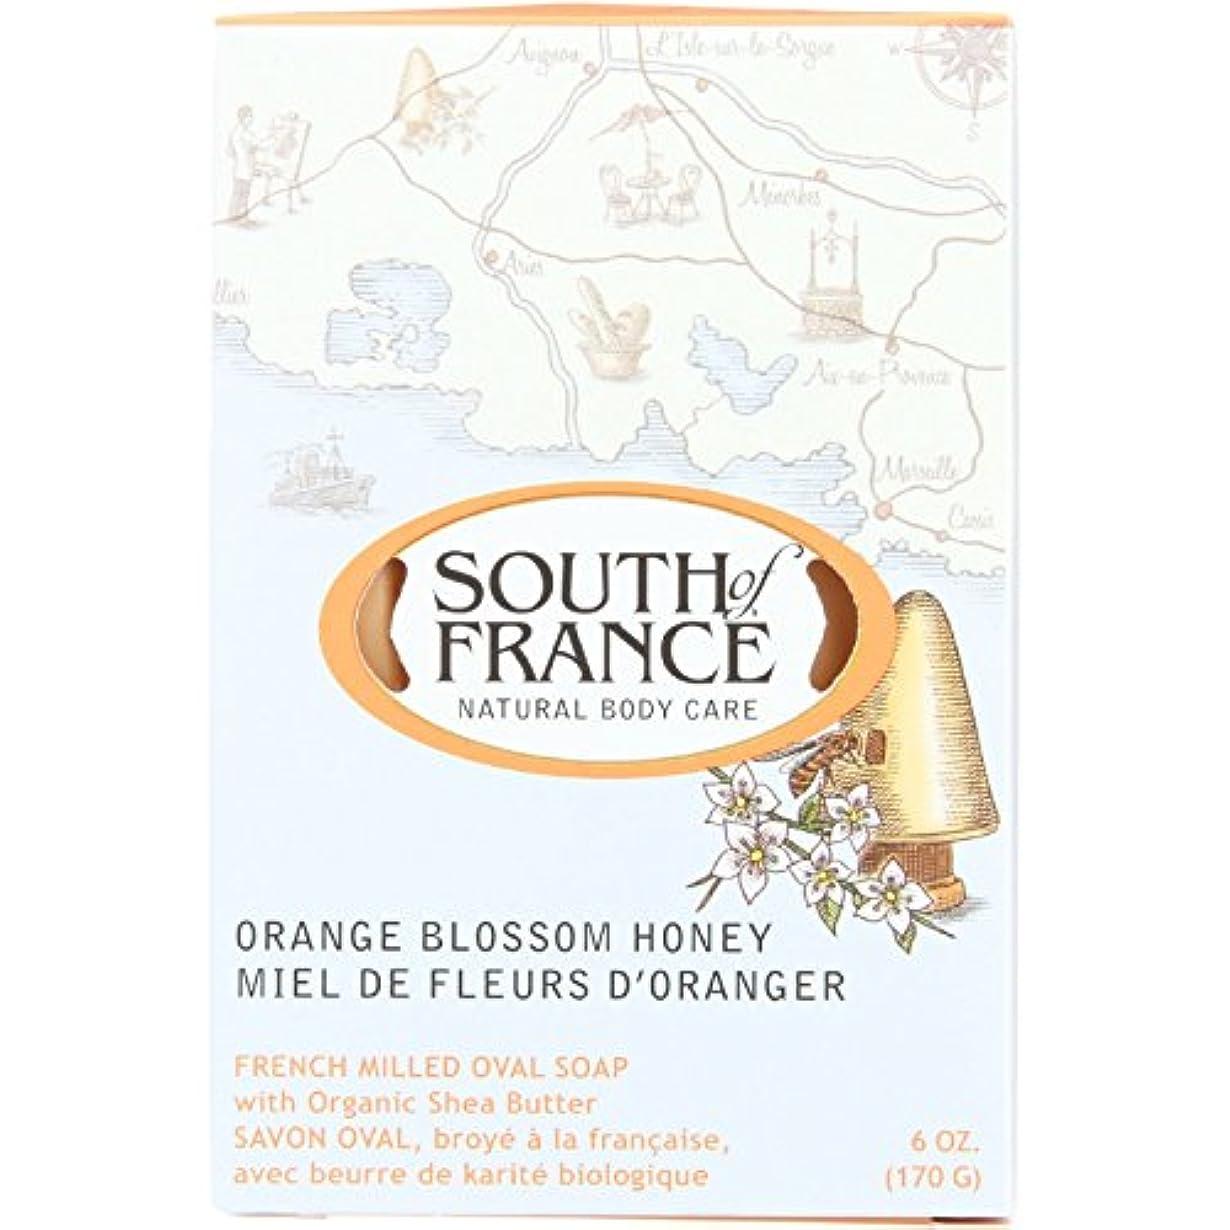 アイスクリーム必需品好きSouth of France - フランスの製粉された野菜棒石鹸のオレンジ花の蜂蜜 - 6ポンド